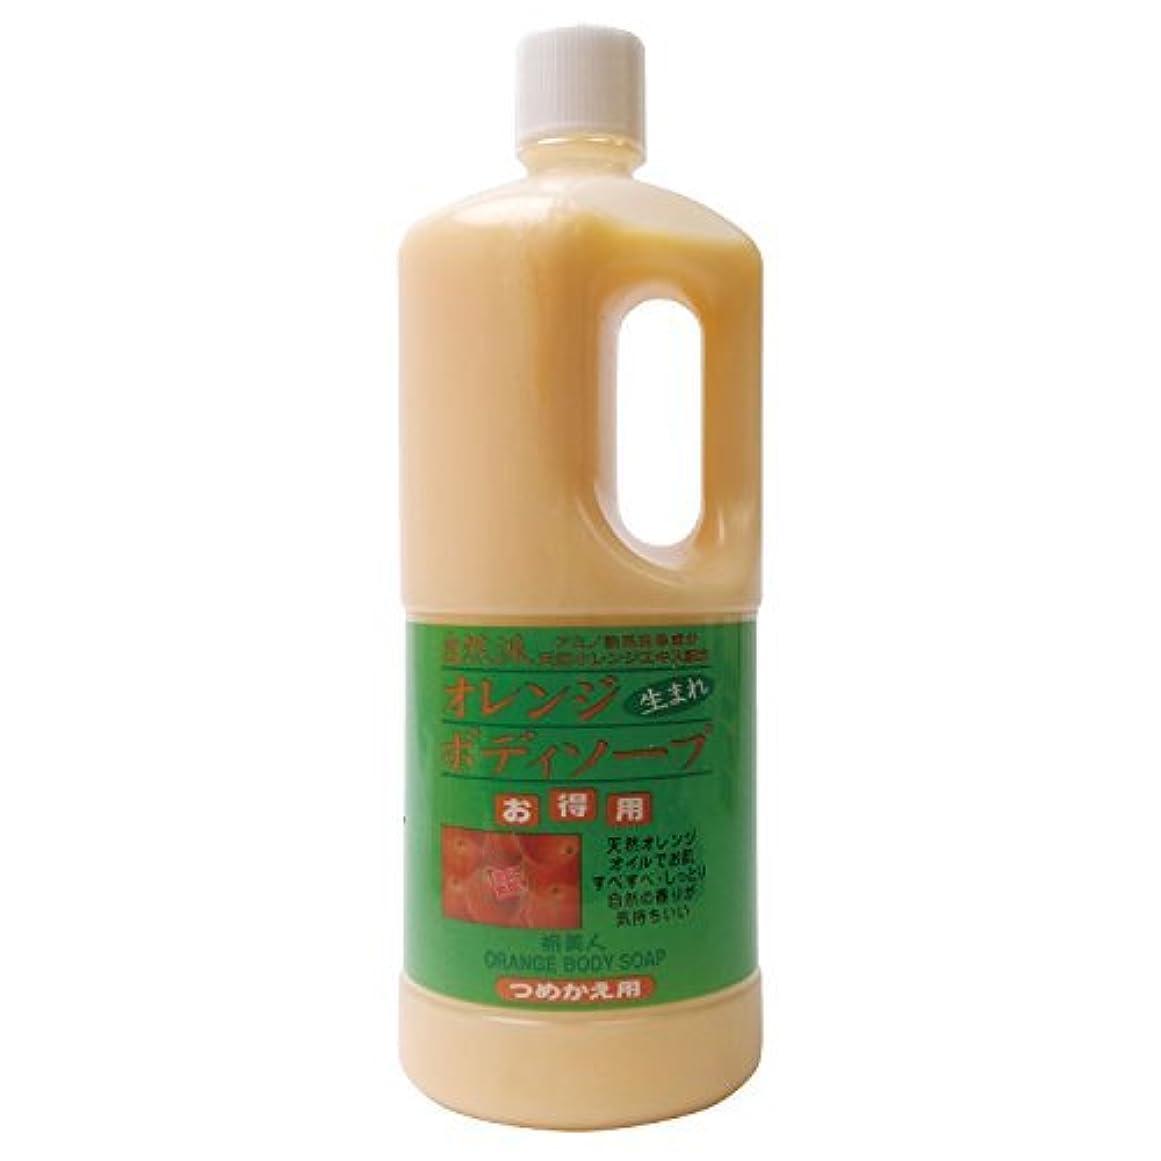 窒息させるにんじんペンフレンドアズマ商事のオレンジボディソープ詰め替え用1000ml